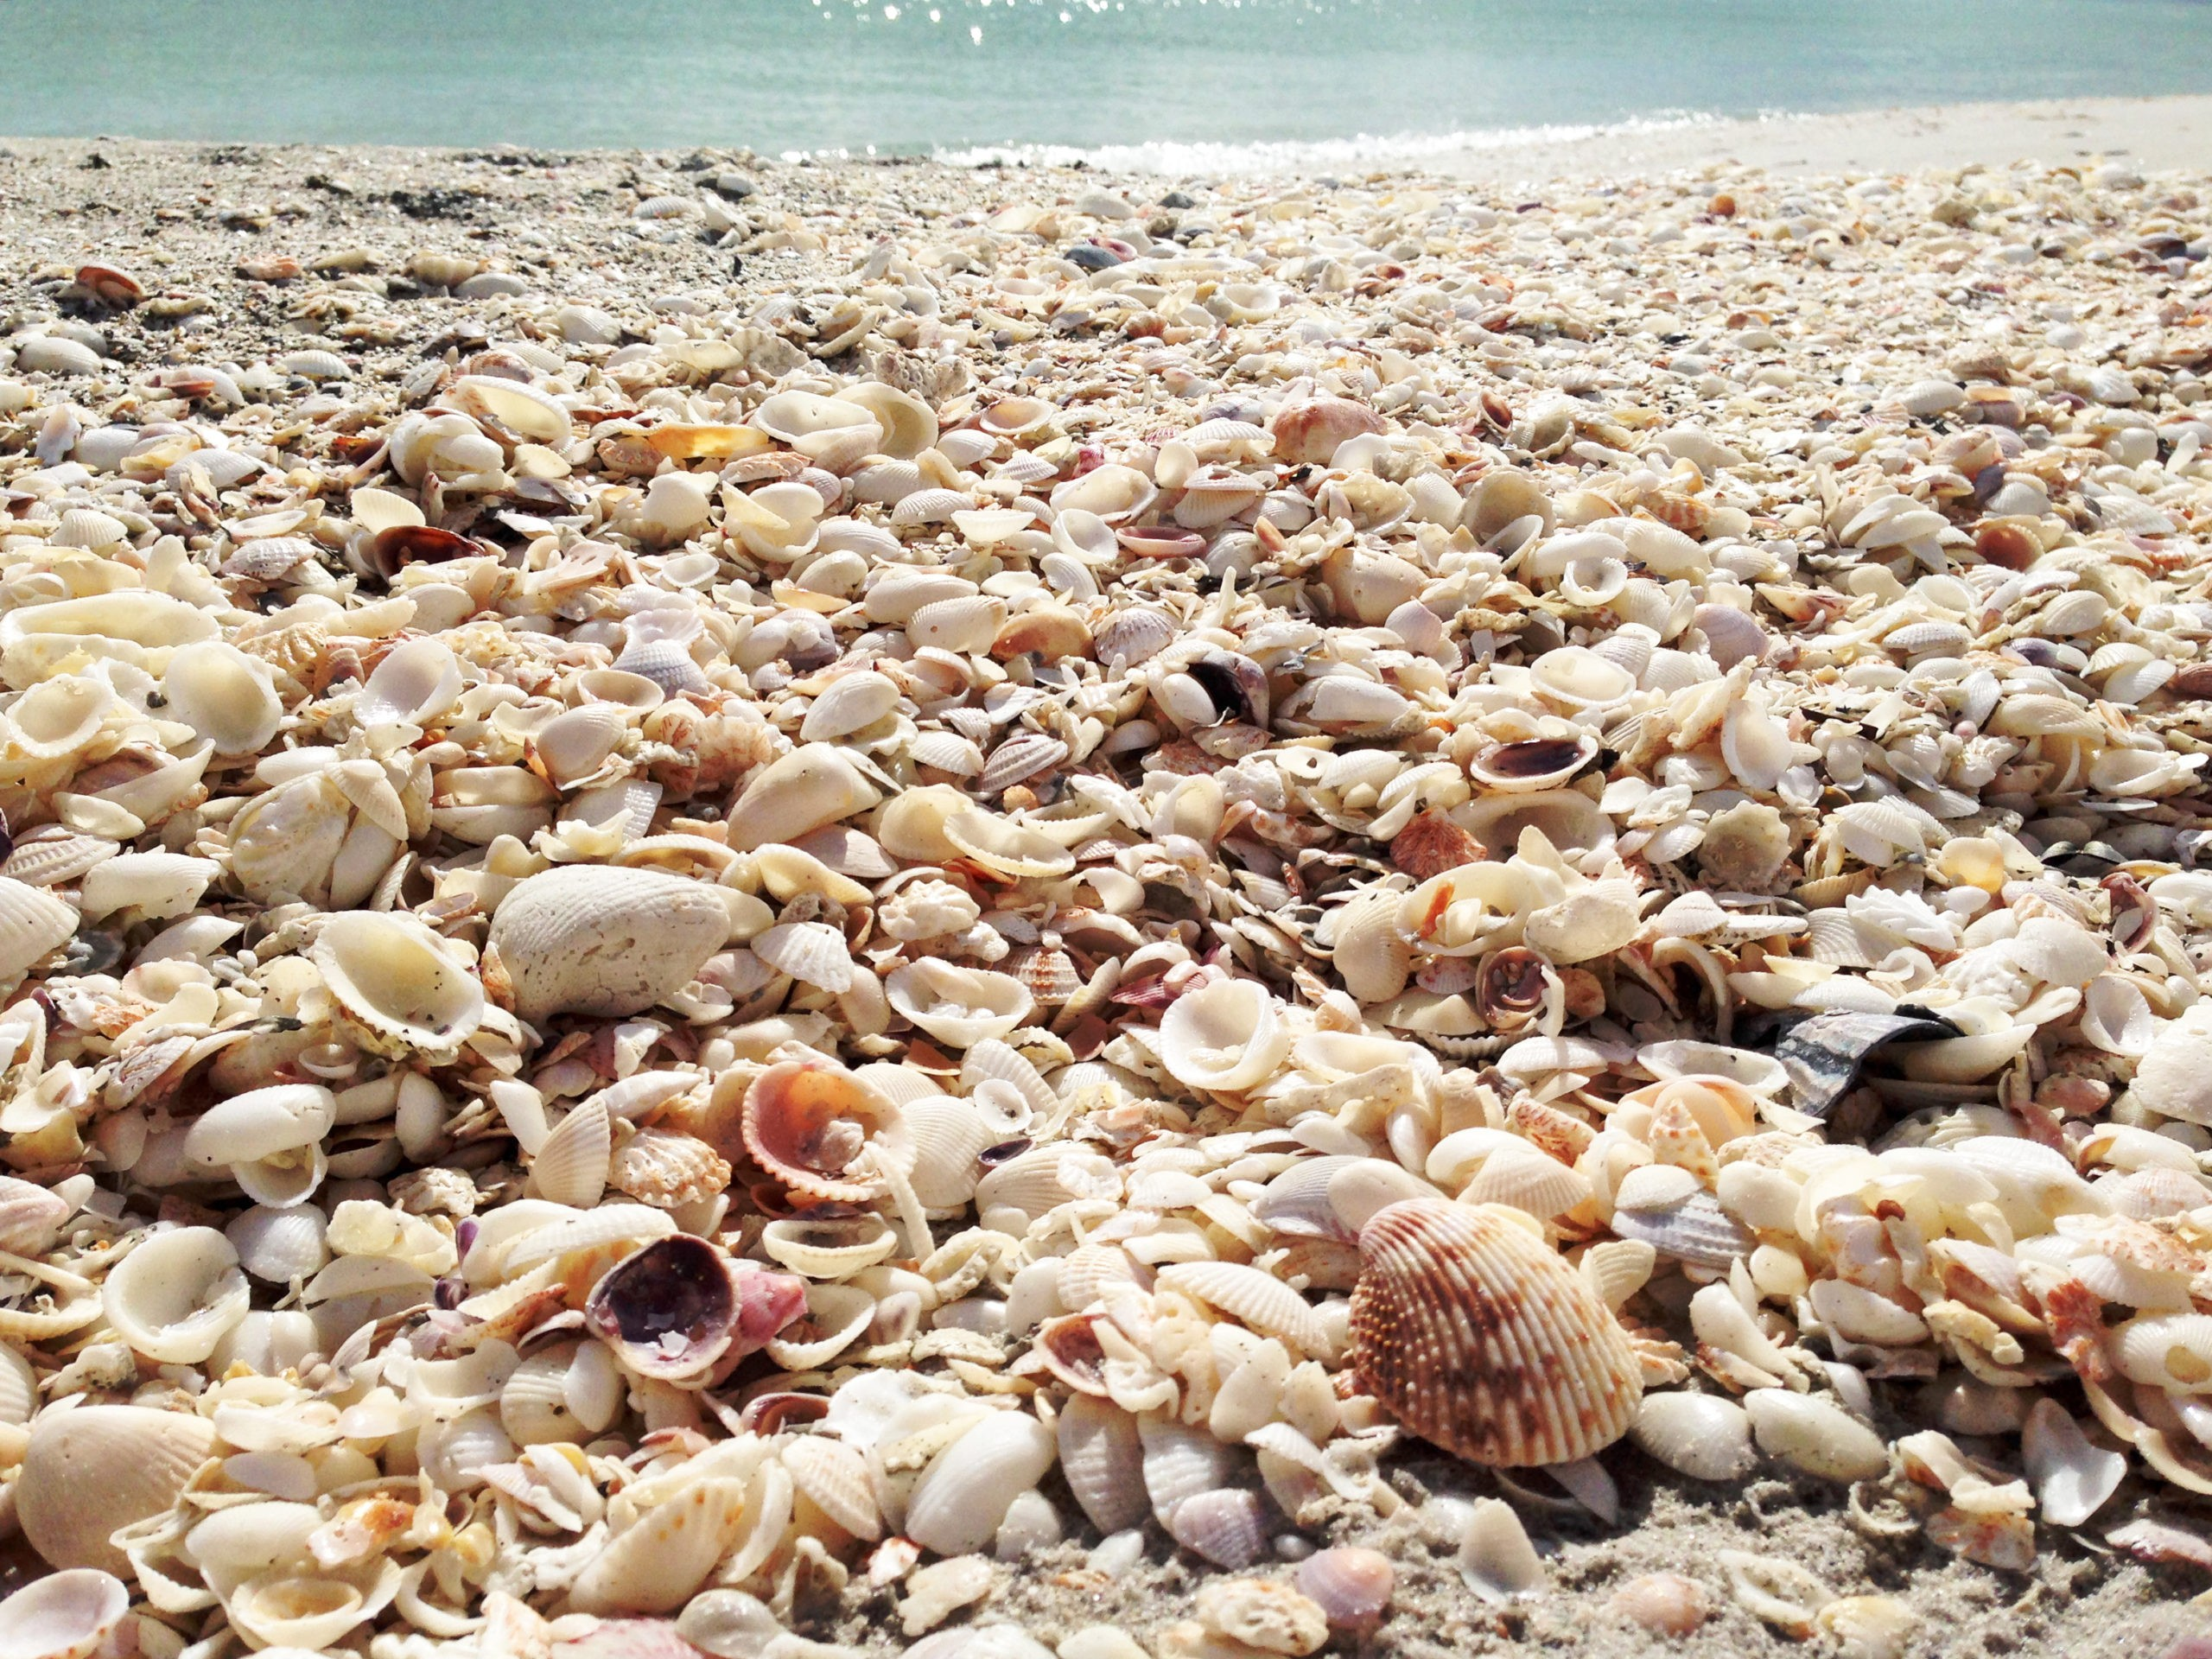 Muszle, plaża na wyspie Sanibel, FL, licencja: shutterstock/By BrklnGirl